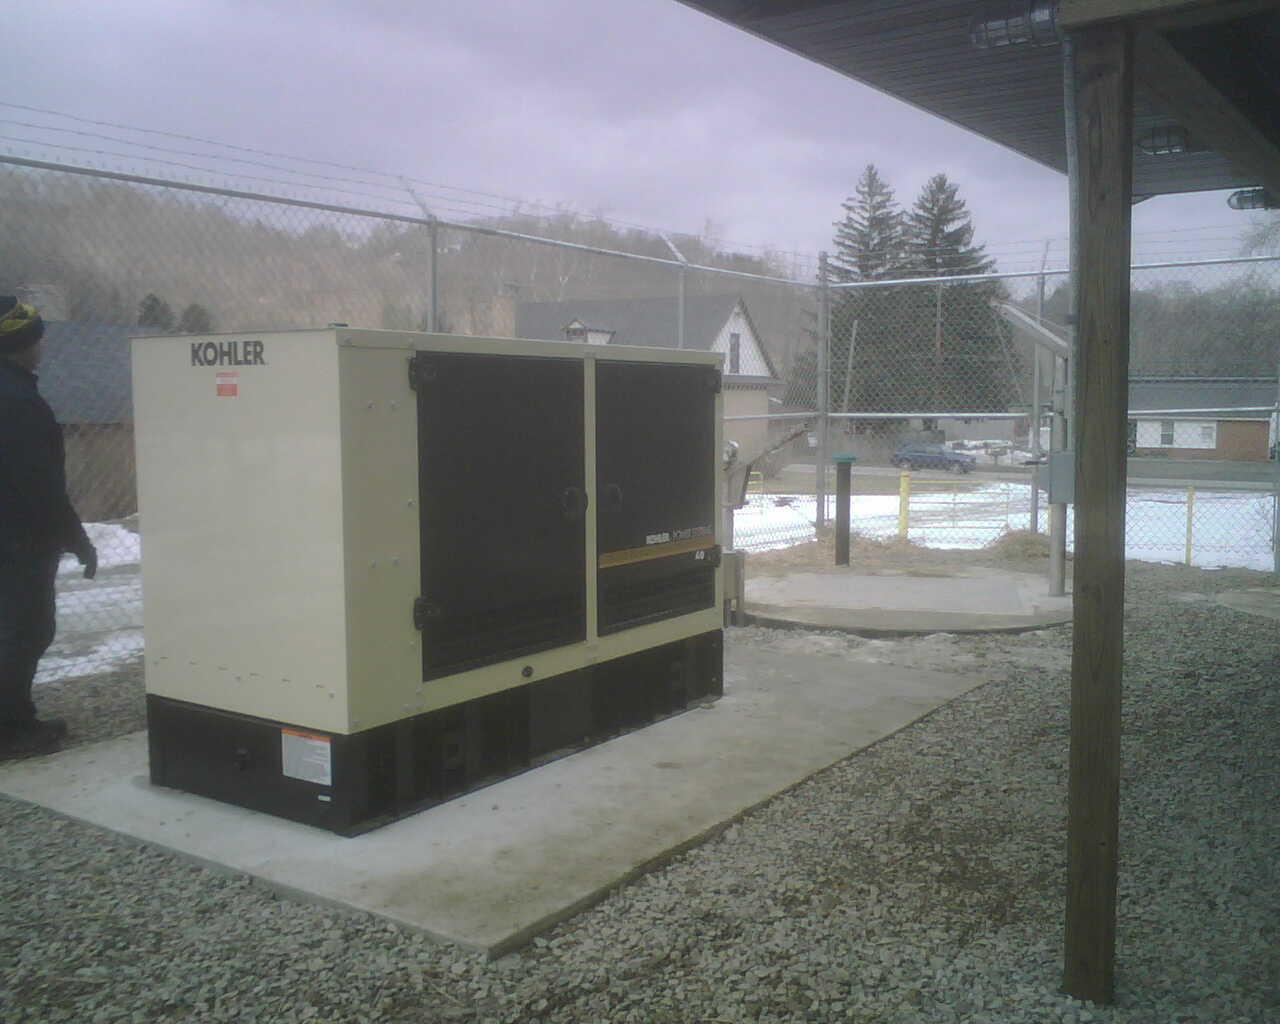 Local Municipality Pump Station